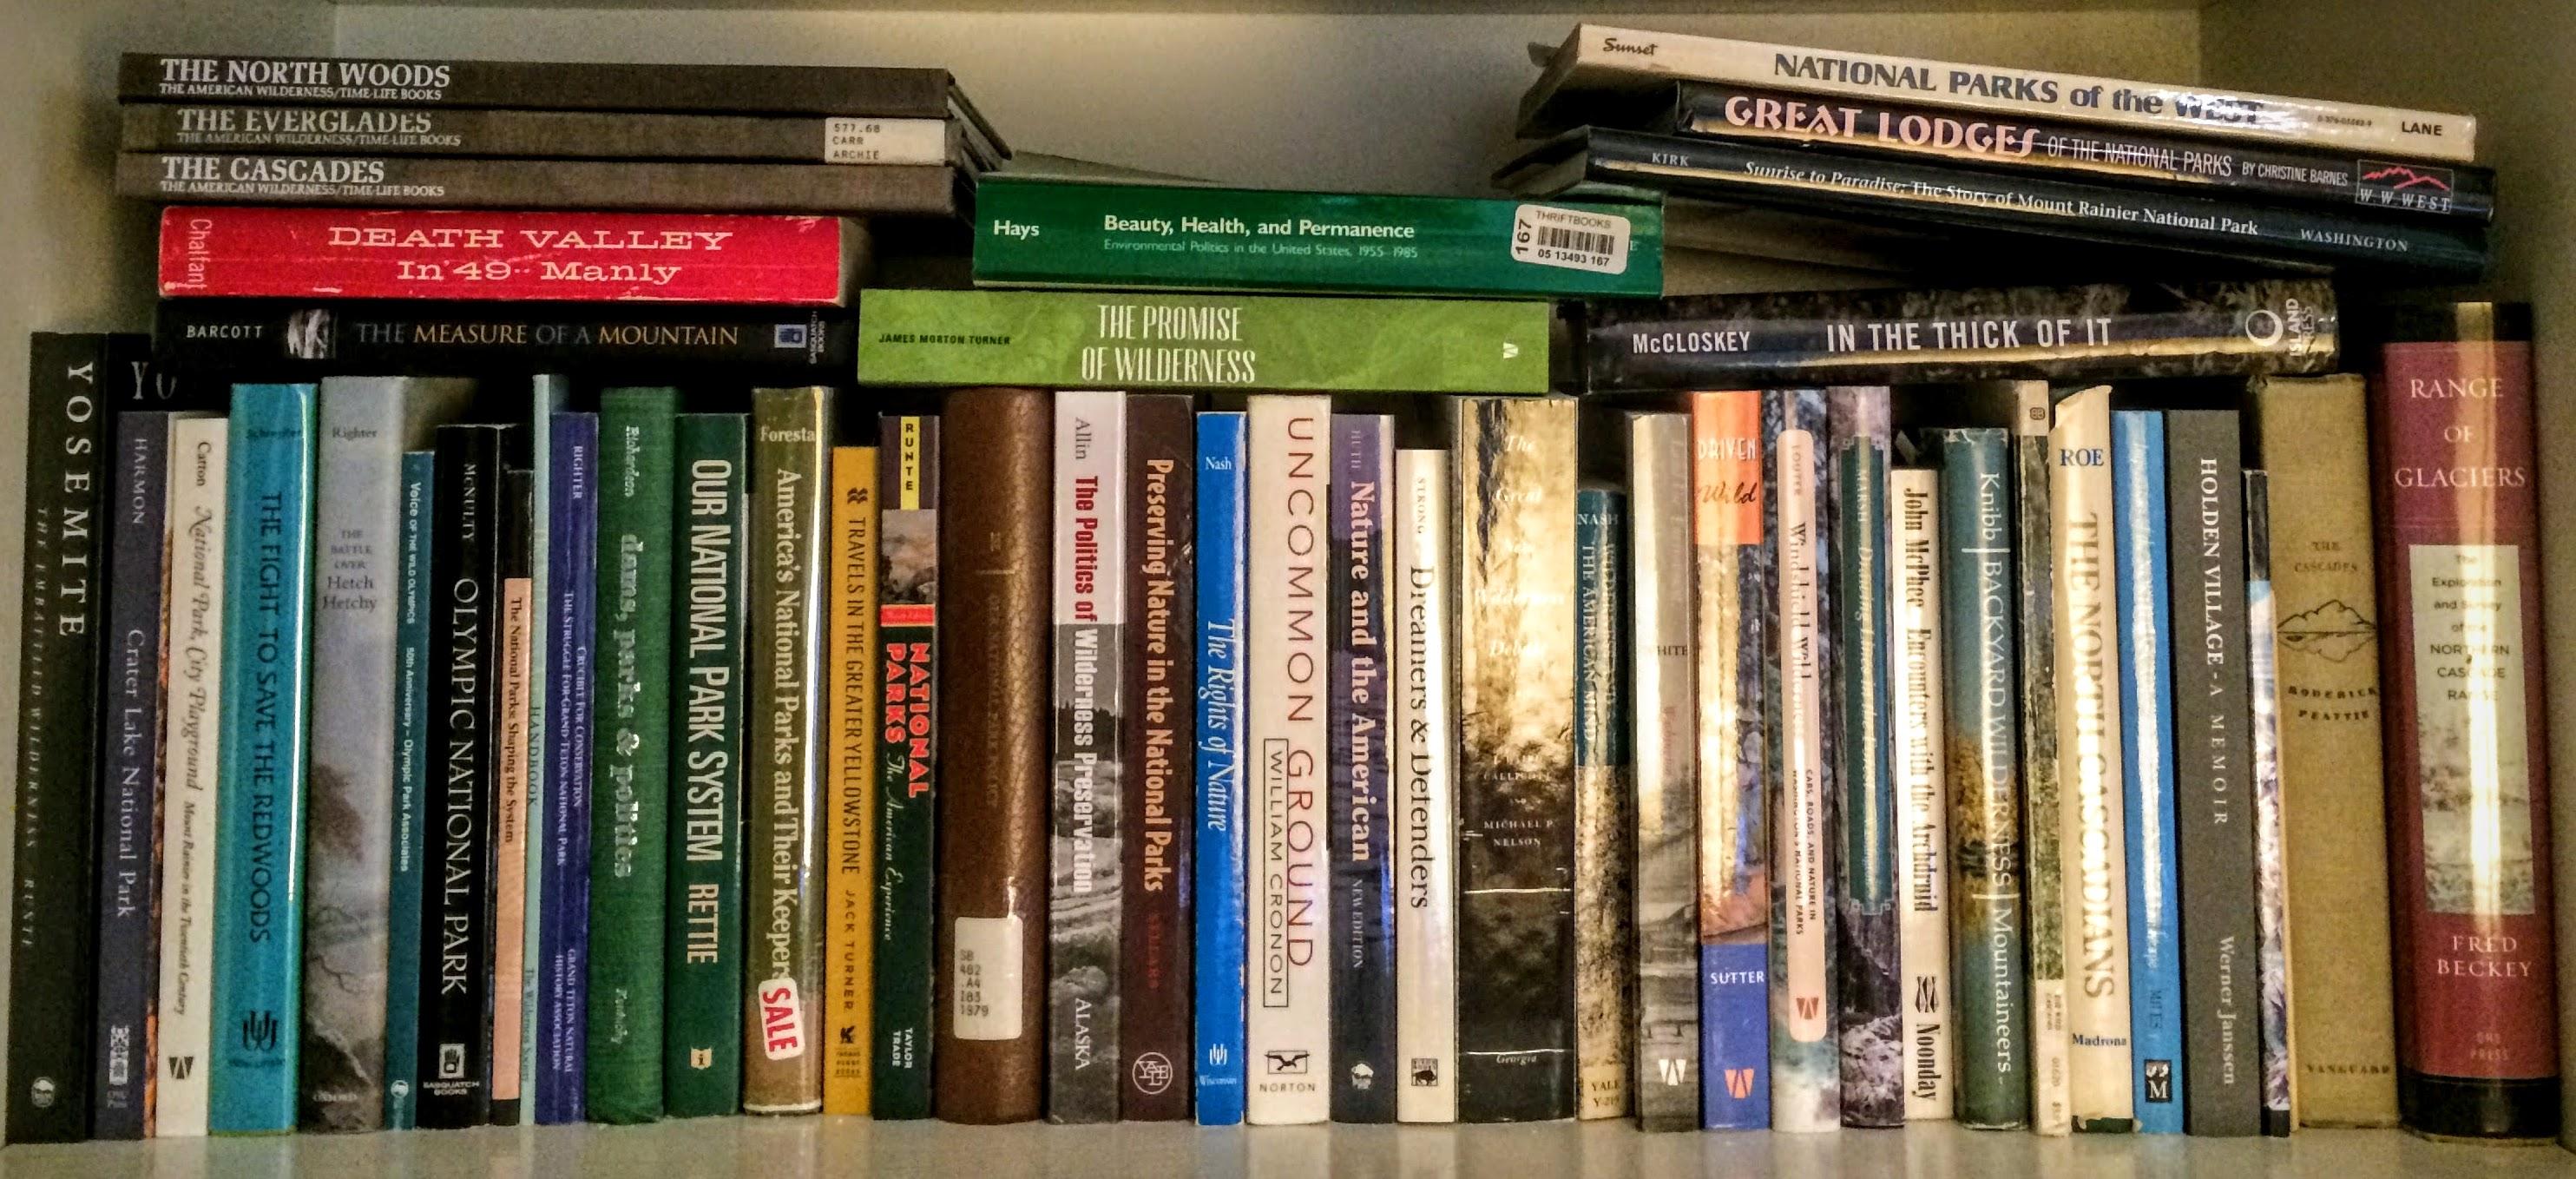 nationalparksbookshelf